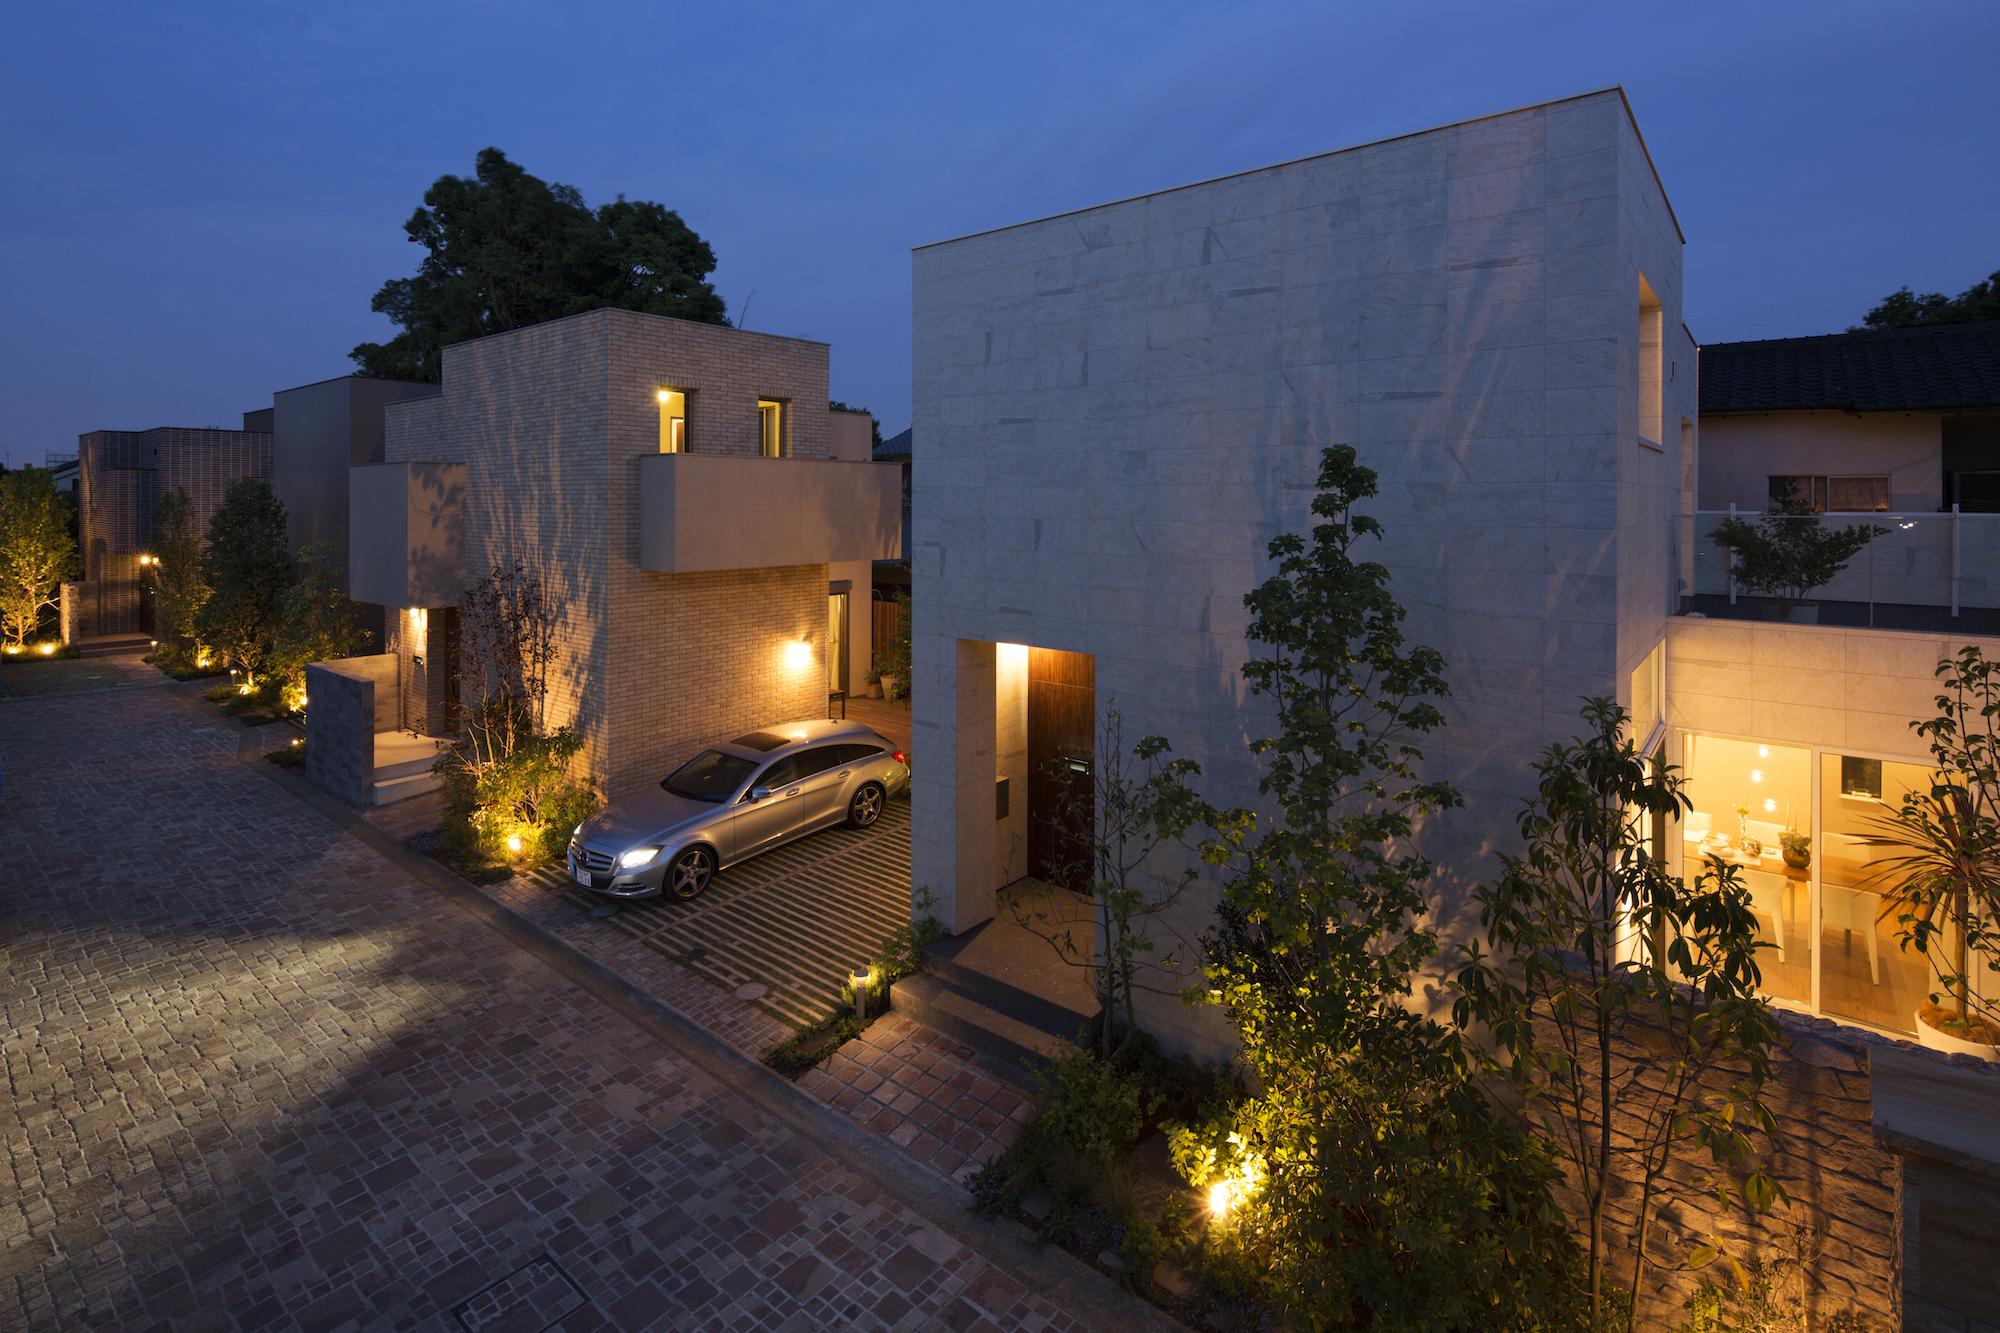 デザイナーがこだわった街区全体の照明計画 イメージ